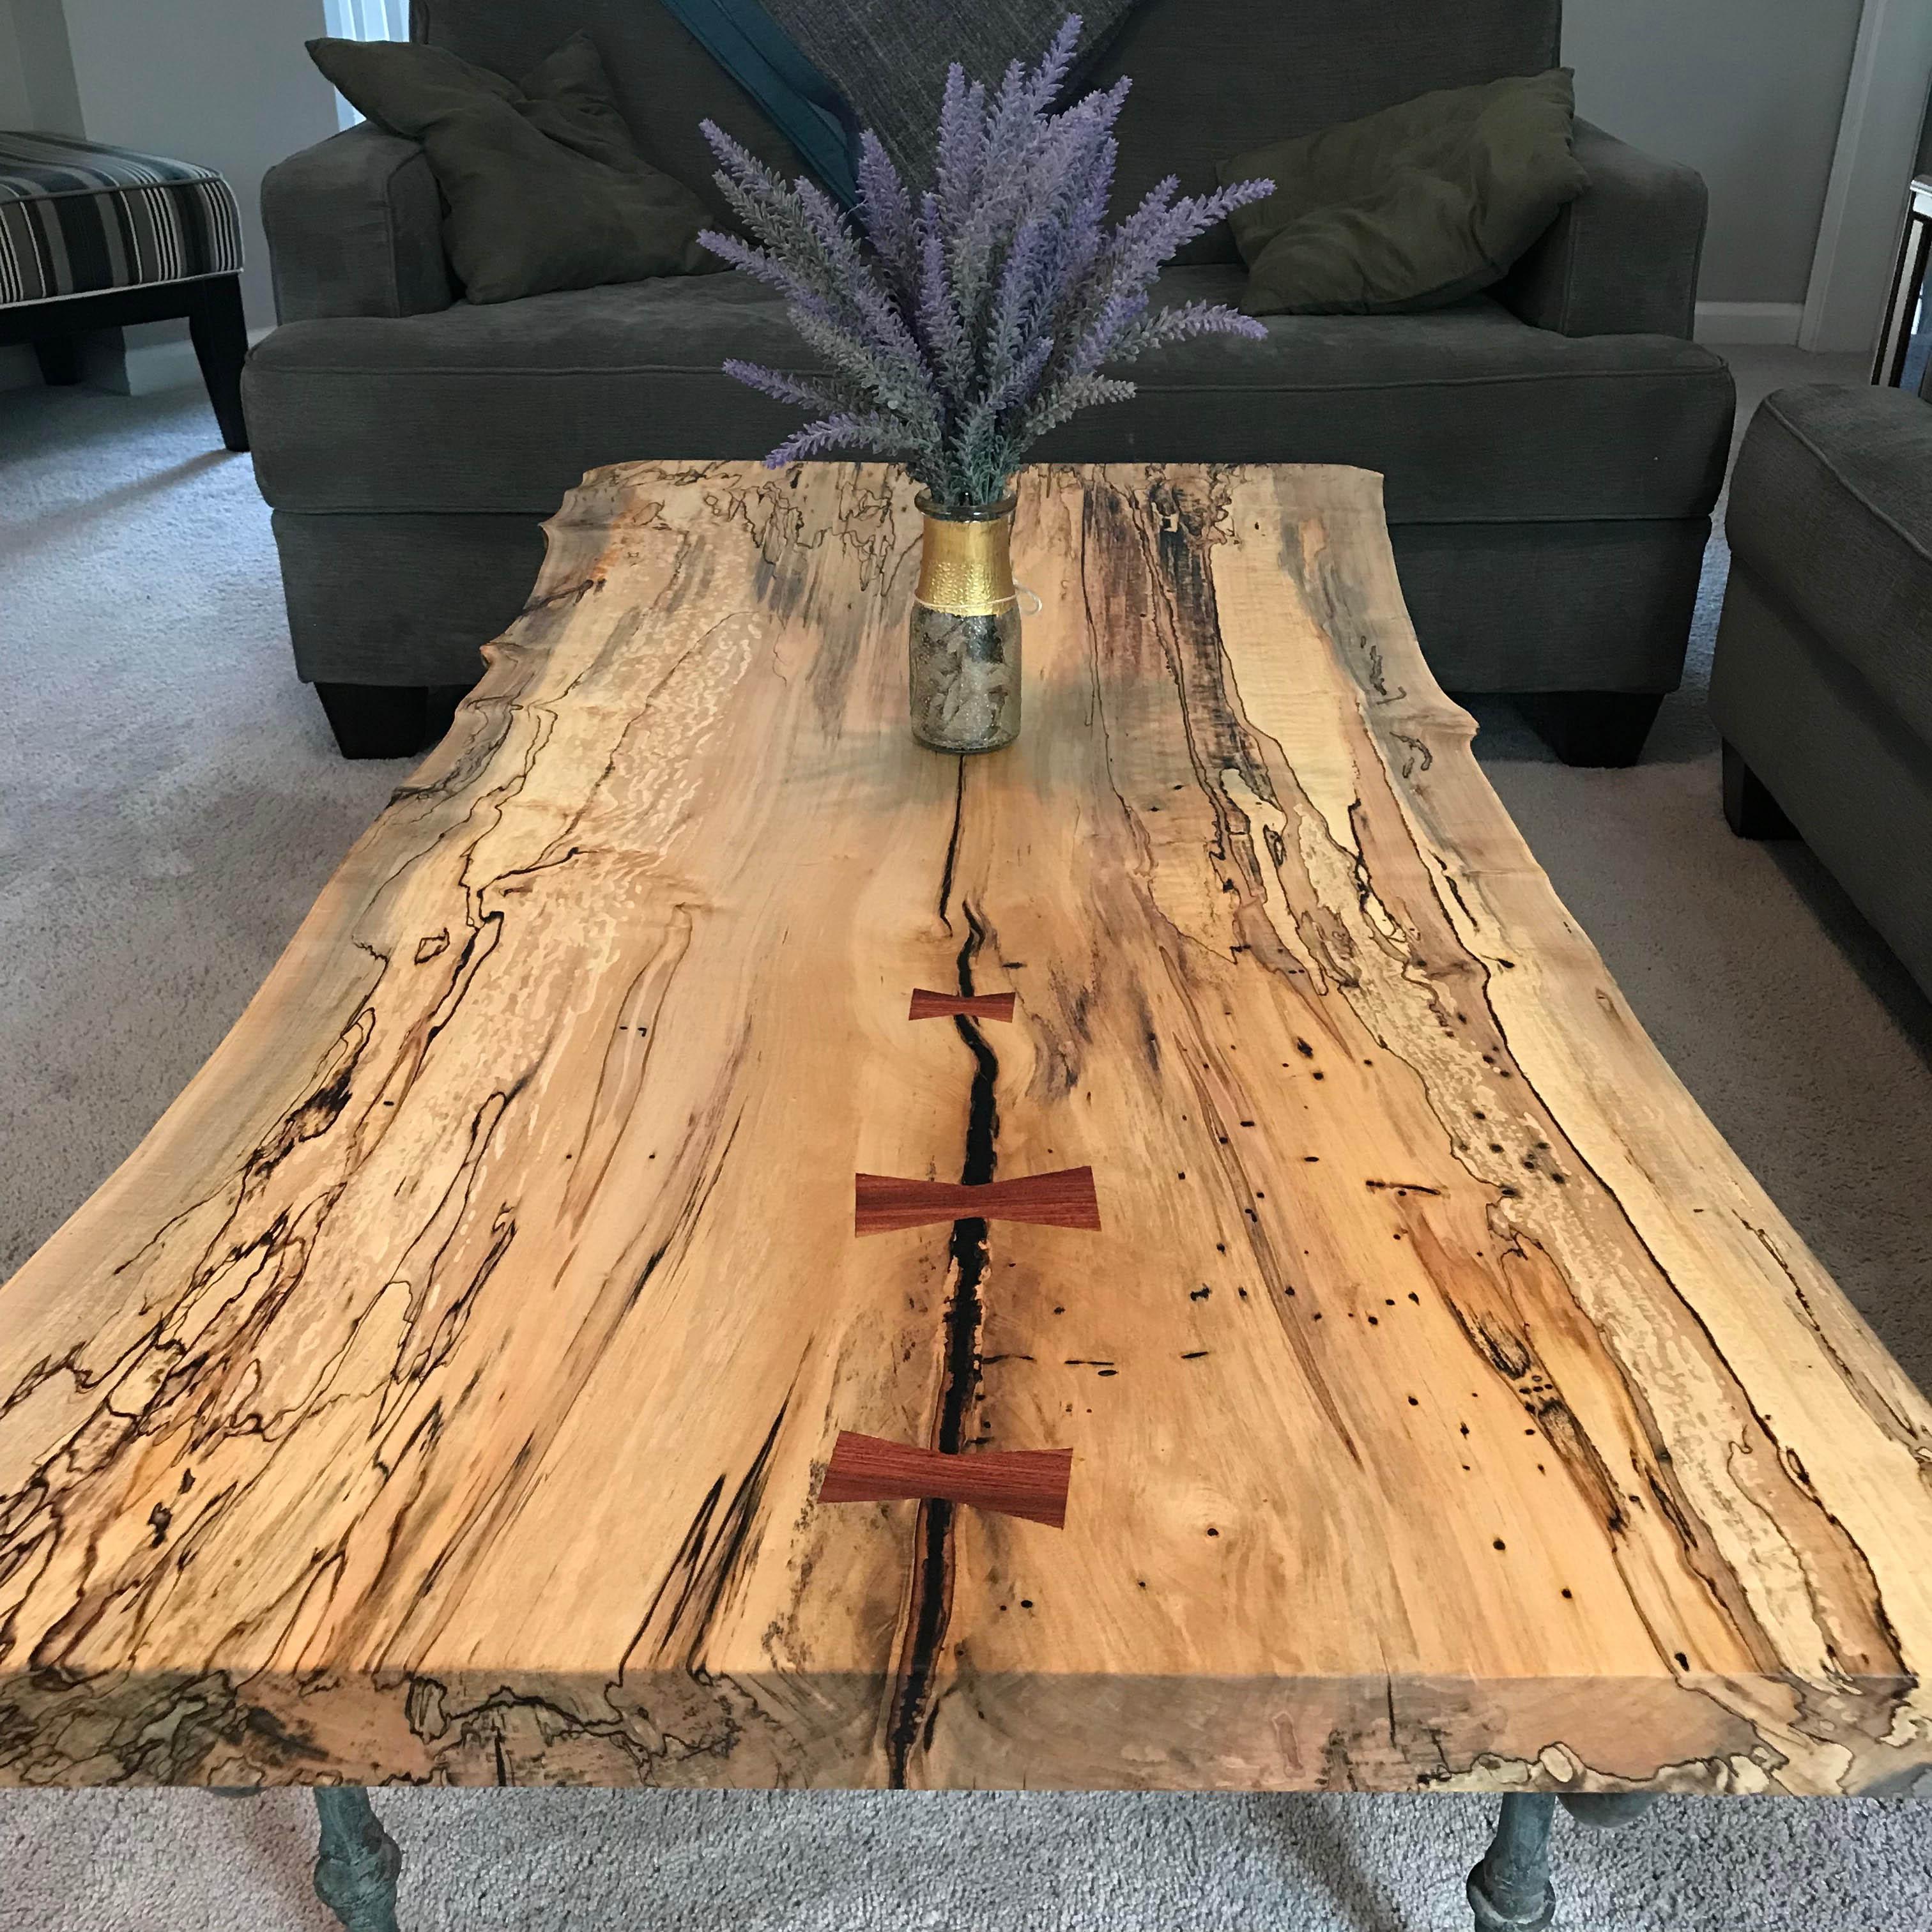 Idée de bricolage: personnalisez votre plateau de table avec une incrustation en bois ou en métal.